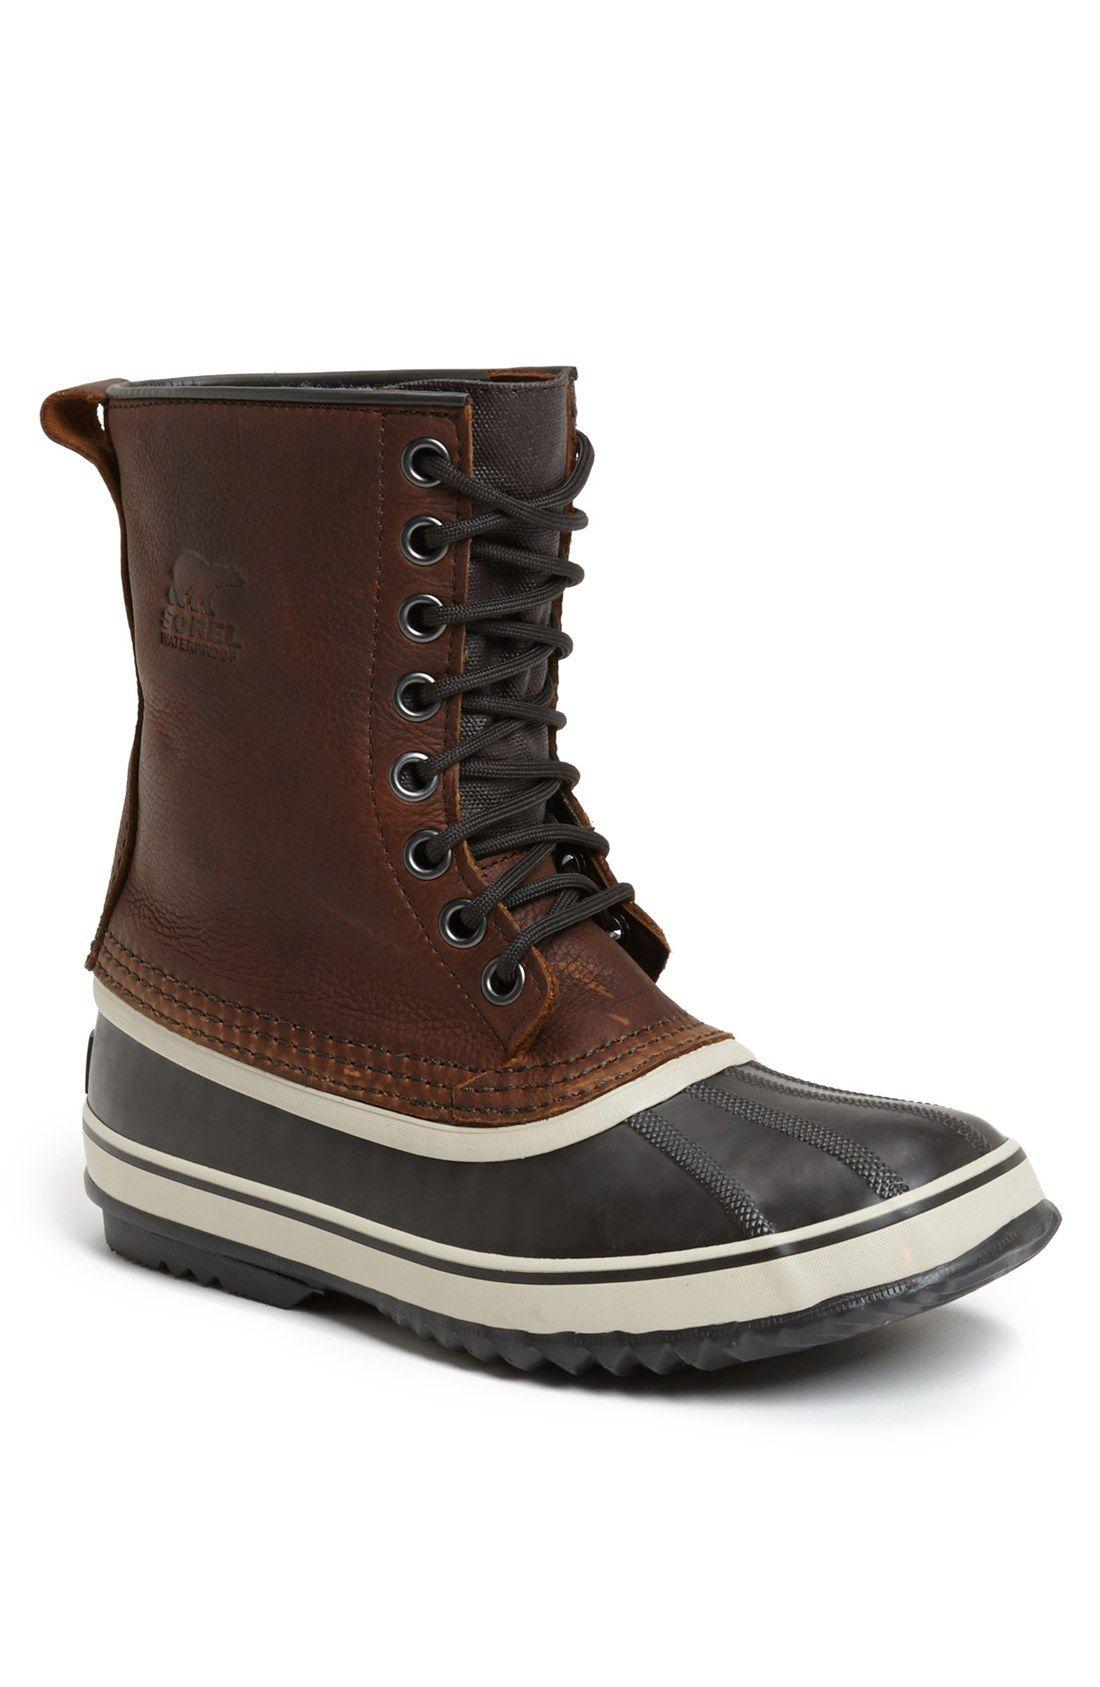 HIS   SOREL '1964 Premium T' Snow Boot